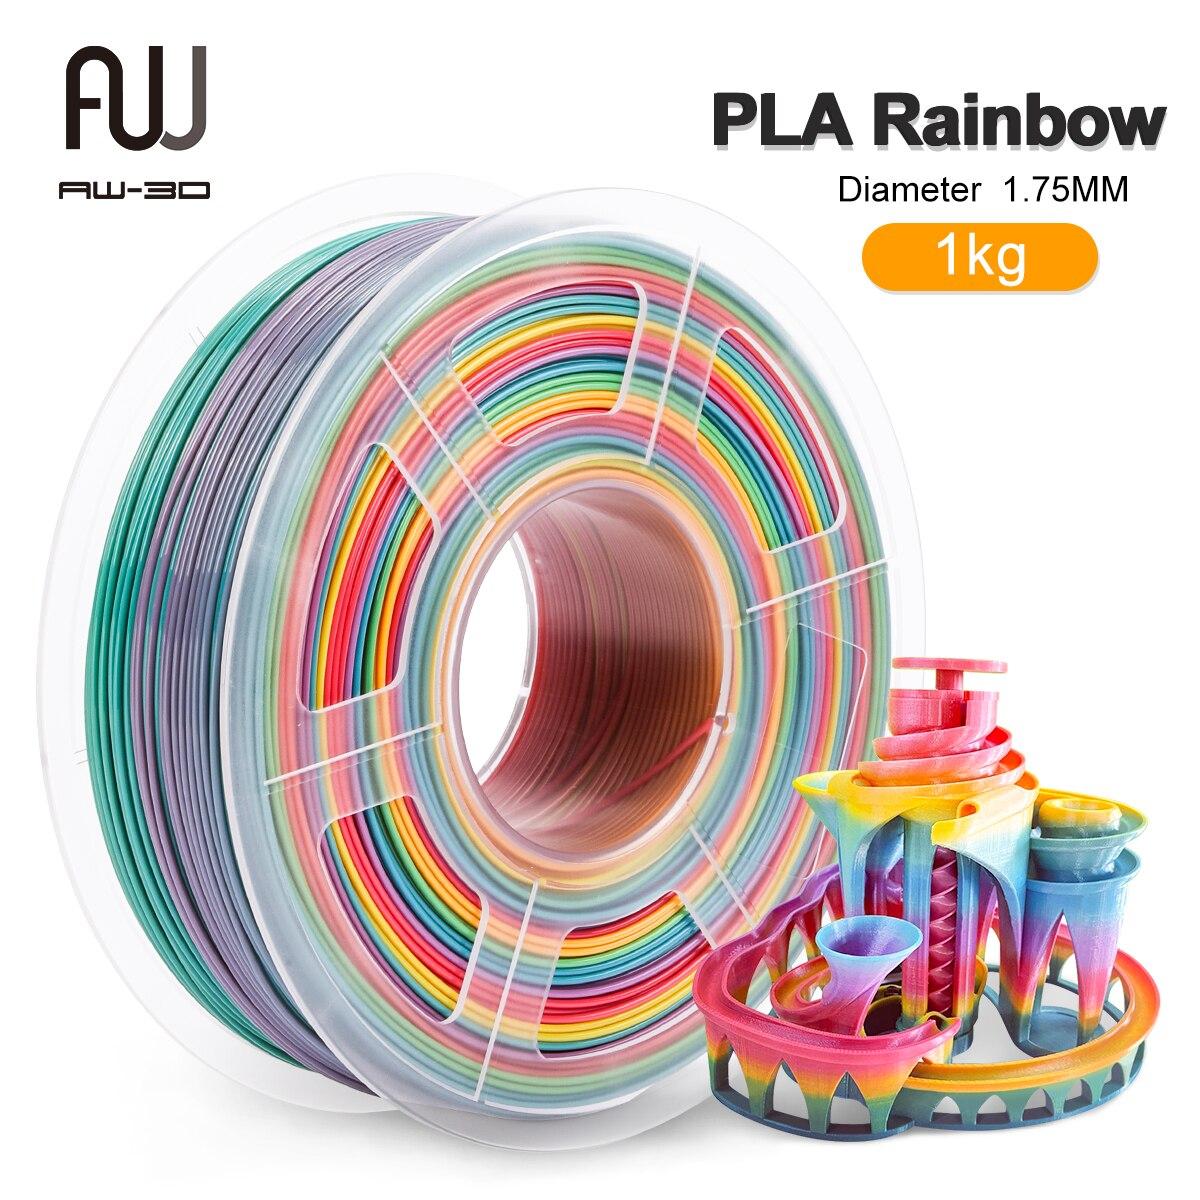 AW 3D PLA-خيوط قوس قزح للطابعة ثلاثية الأبعاد ، 1 كجم ، 1.75 مللي متر FDM ، 2.2 رطلاً ، أبعاد دقة البكرة/-0.02 تعبئة مفرغة